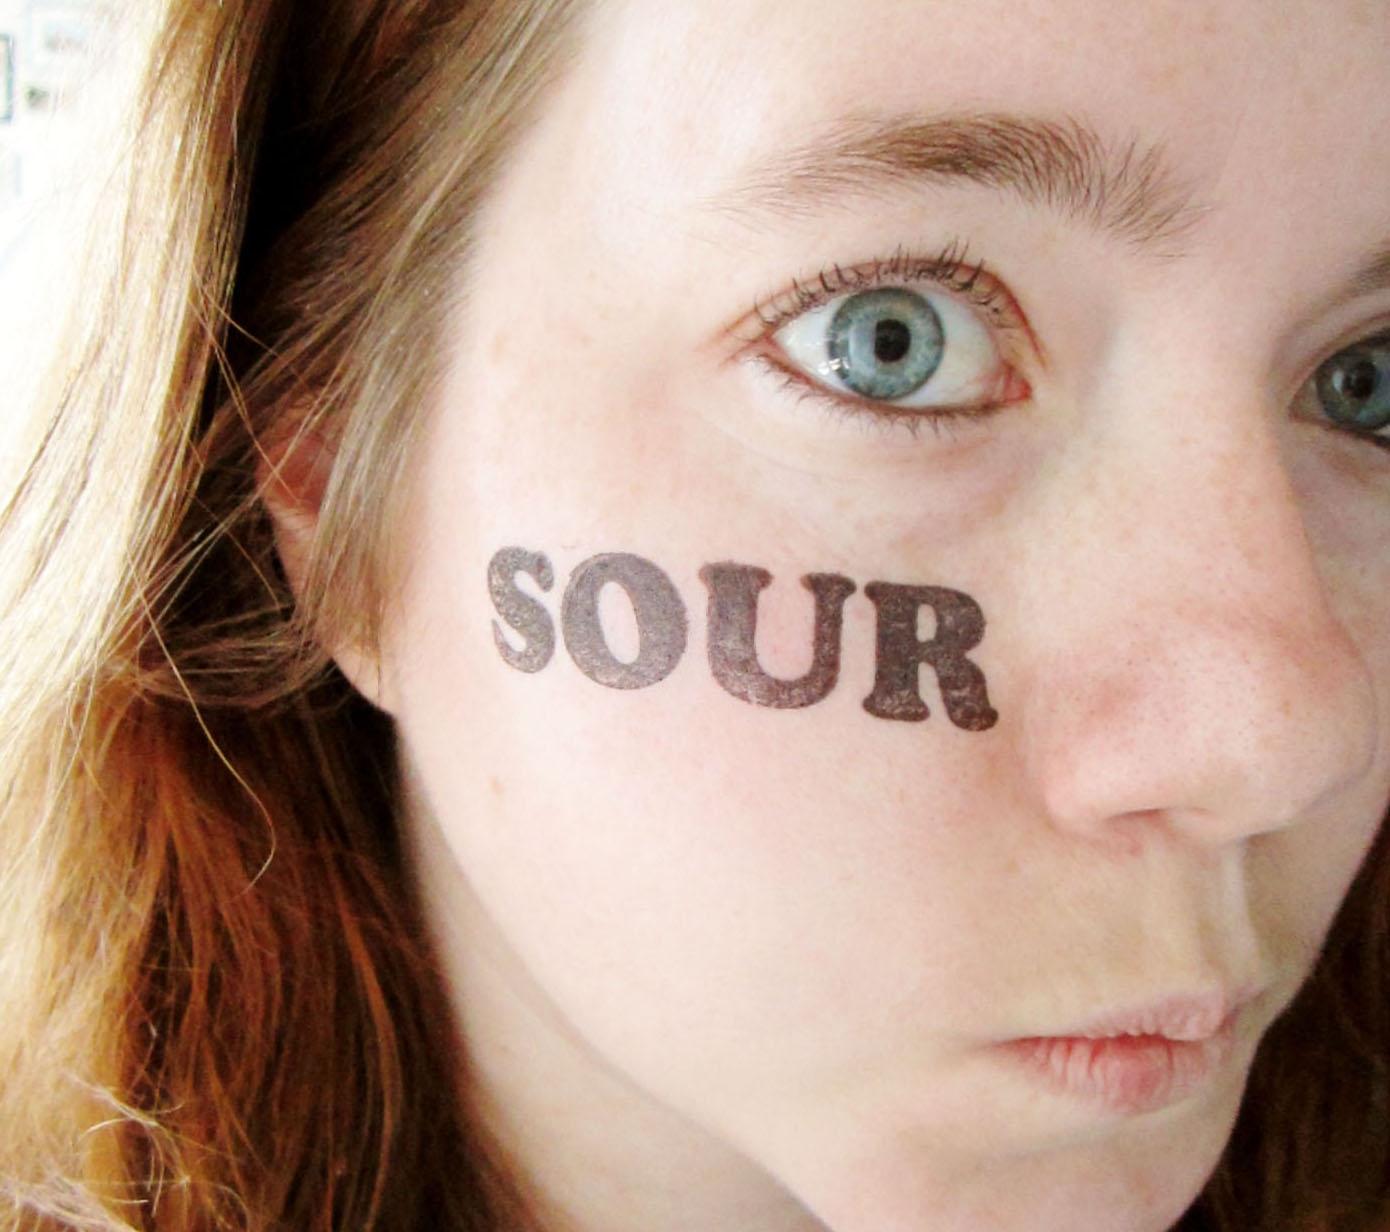 sour face 001 - Copy crop.jpg